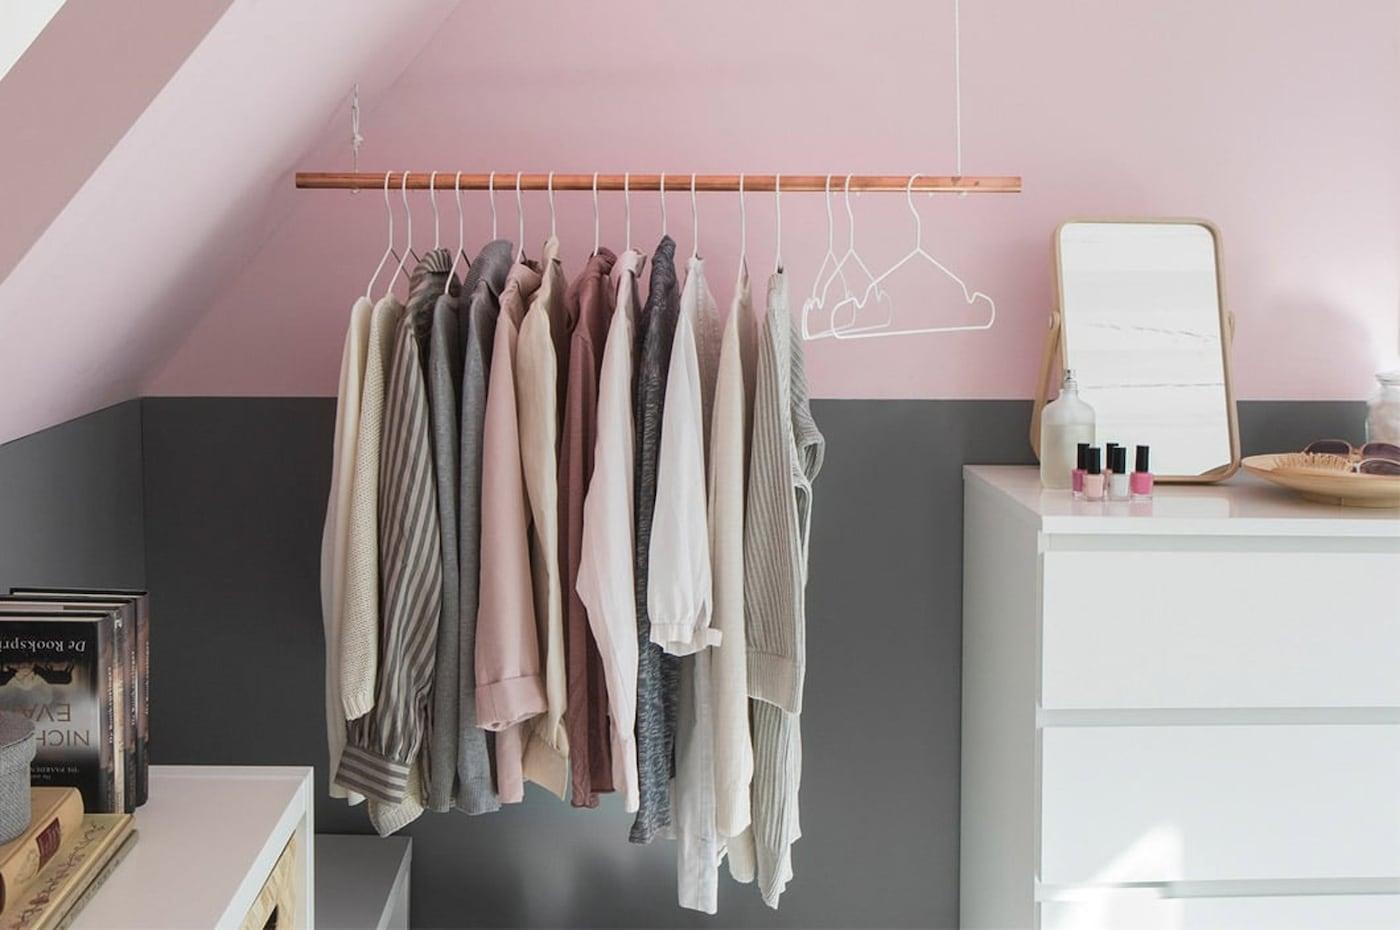 Nieuw Schuin dak? Maak een inloopkast - IKEA GL-88